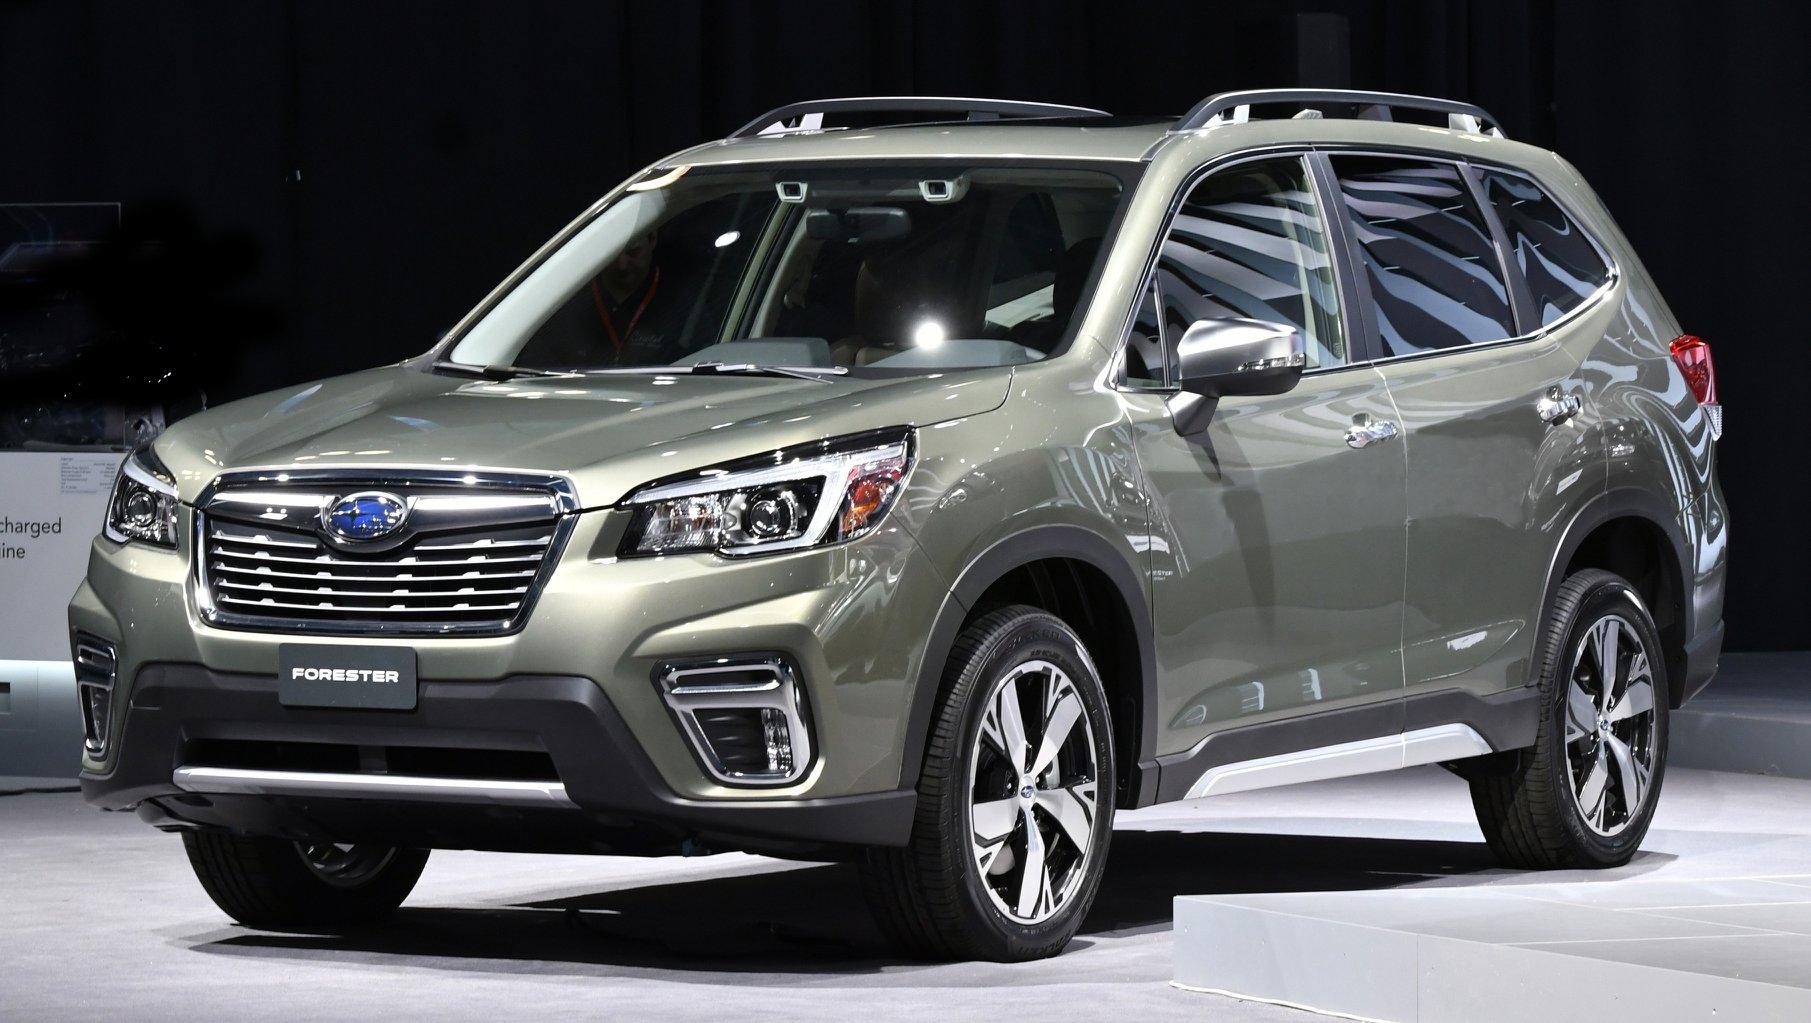 Bảng giá Subaru Forester 2020: Giá lăn bánh mới nhất tại Việt Nam